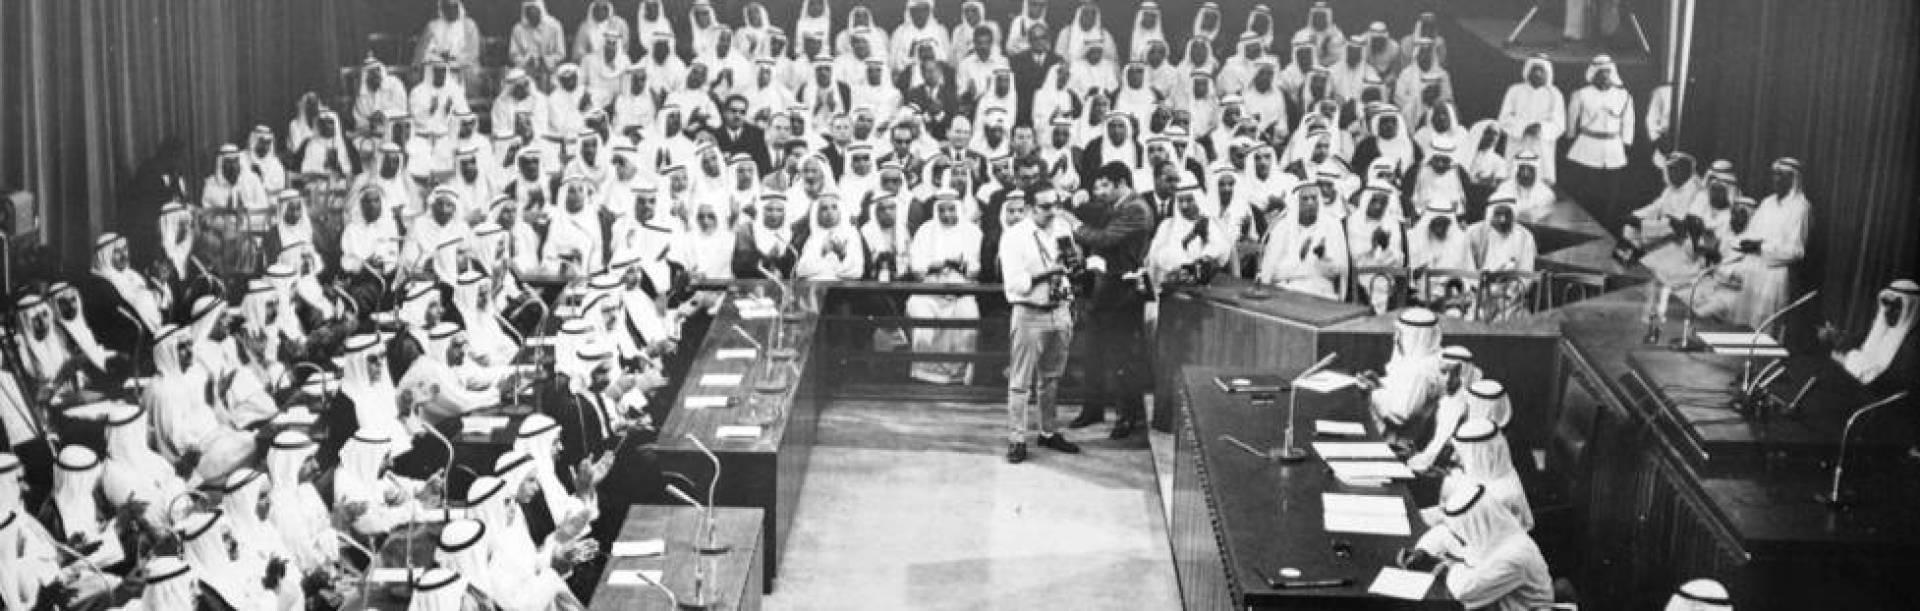 1972| جلسة 7 مارس: المجلس يعلق مشروع الحكومة لمساعدة لبنان وسورية ، وهجوم على جمعية الثقافة الإجتماعية